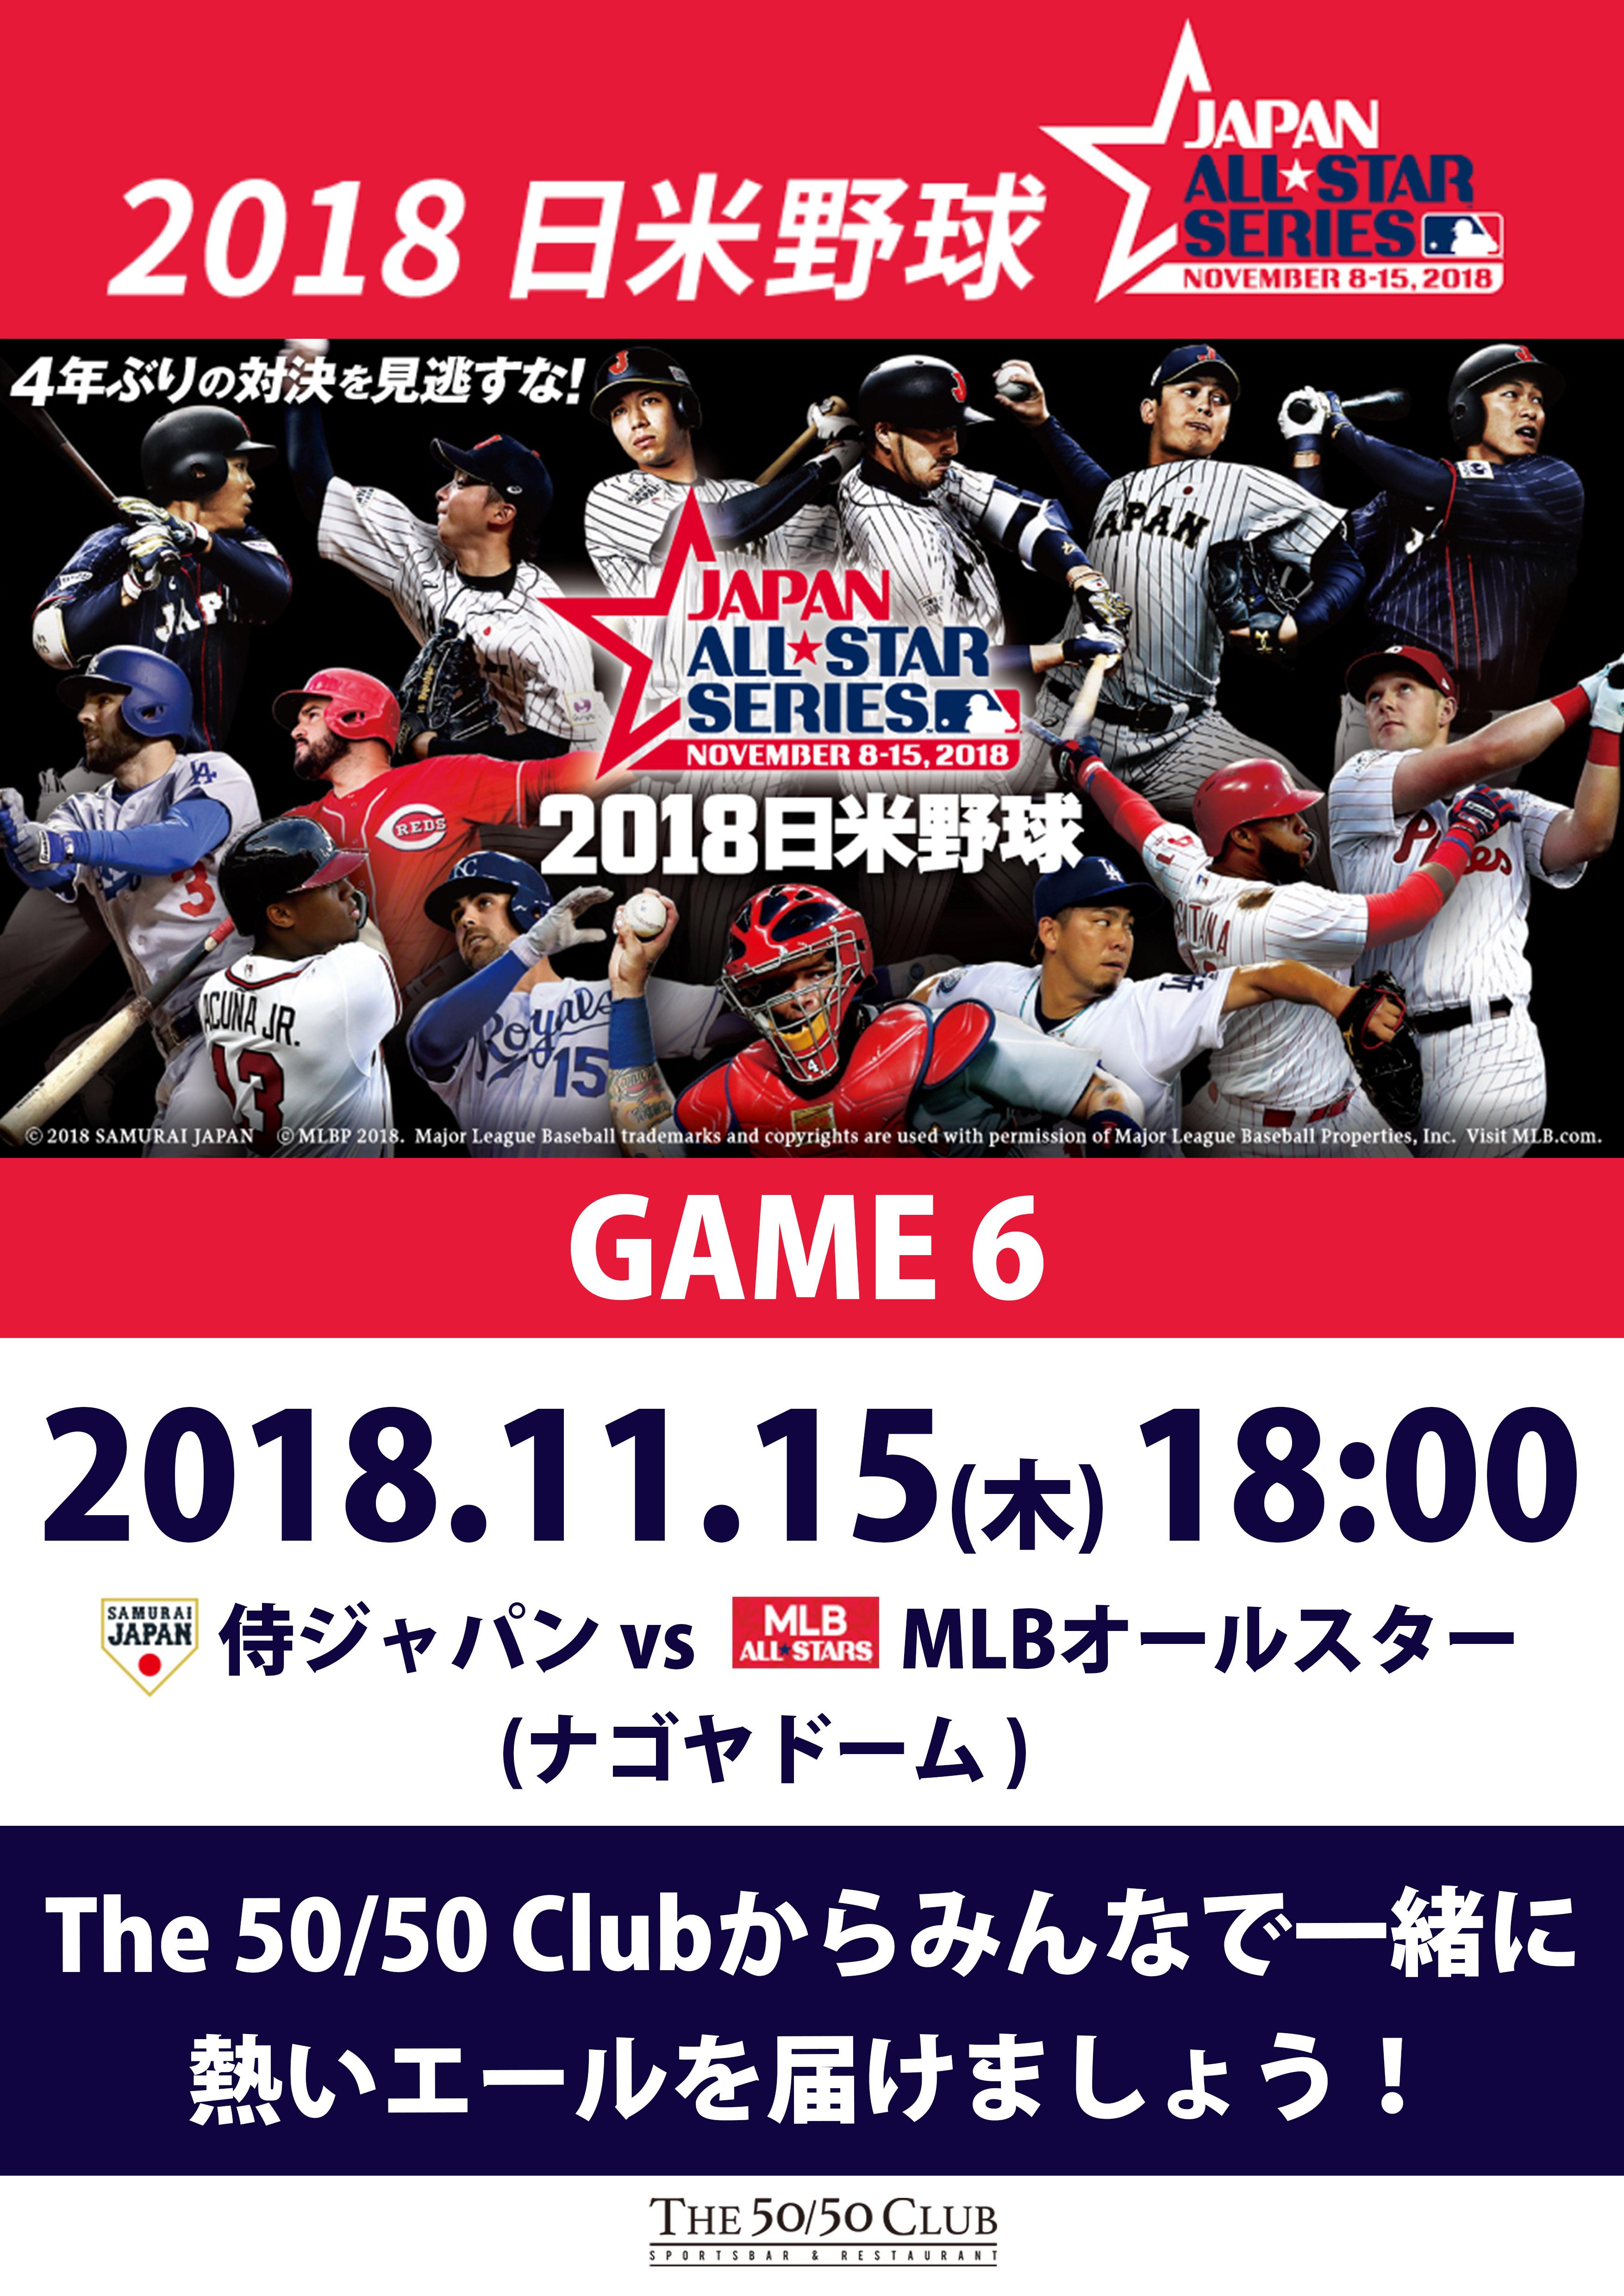 20181115 SAMURAI JAPAN